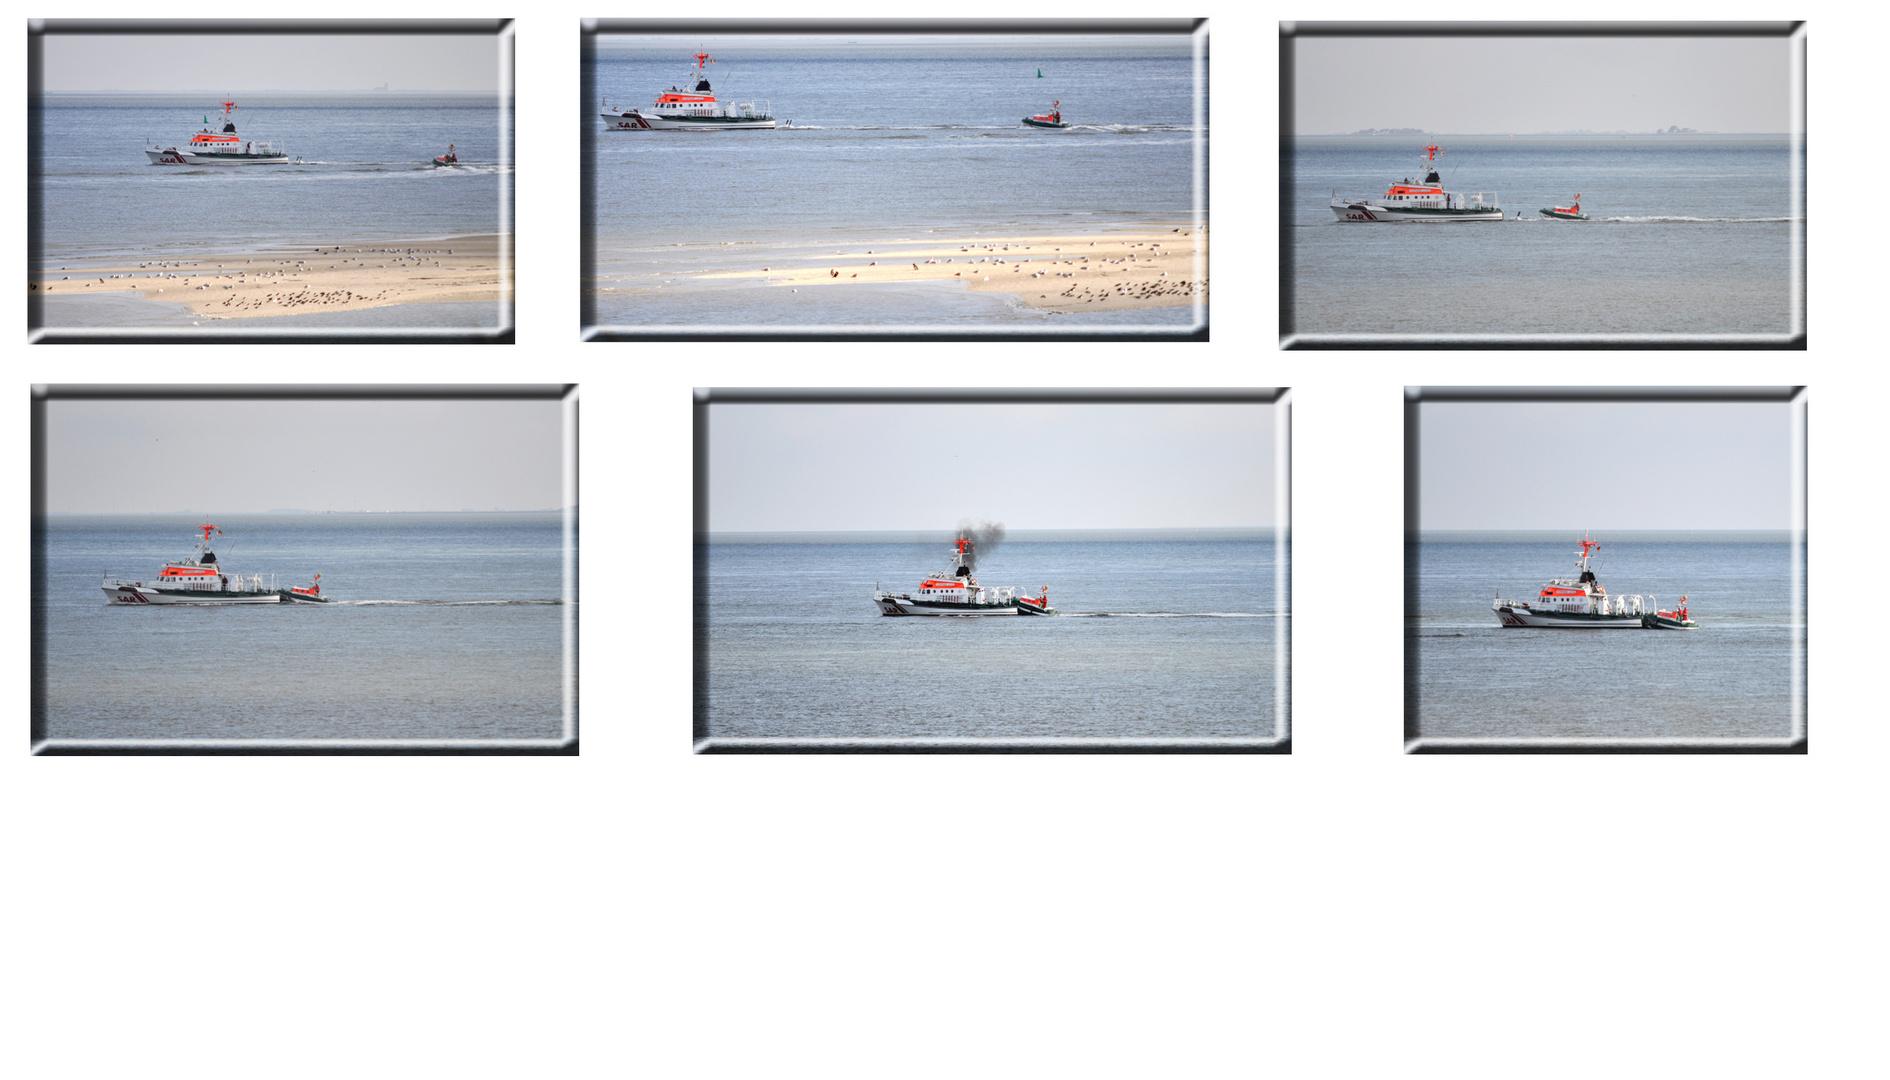 Seenotkreuzer an der Südspitze von Amrum